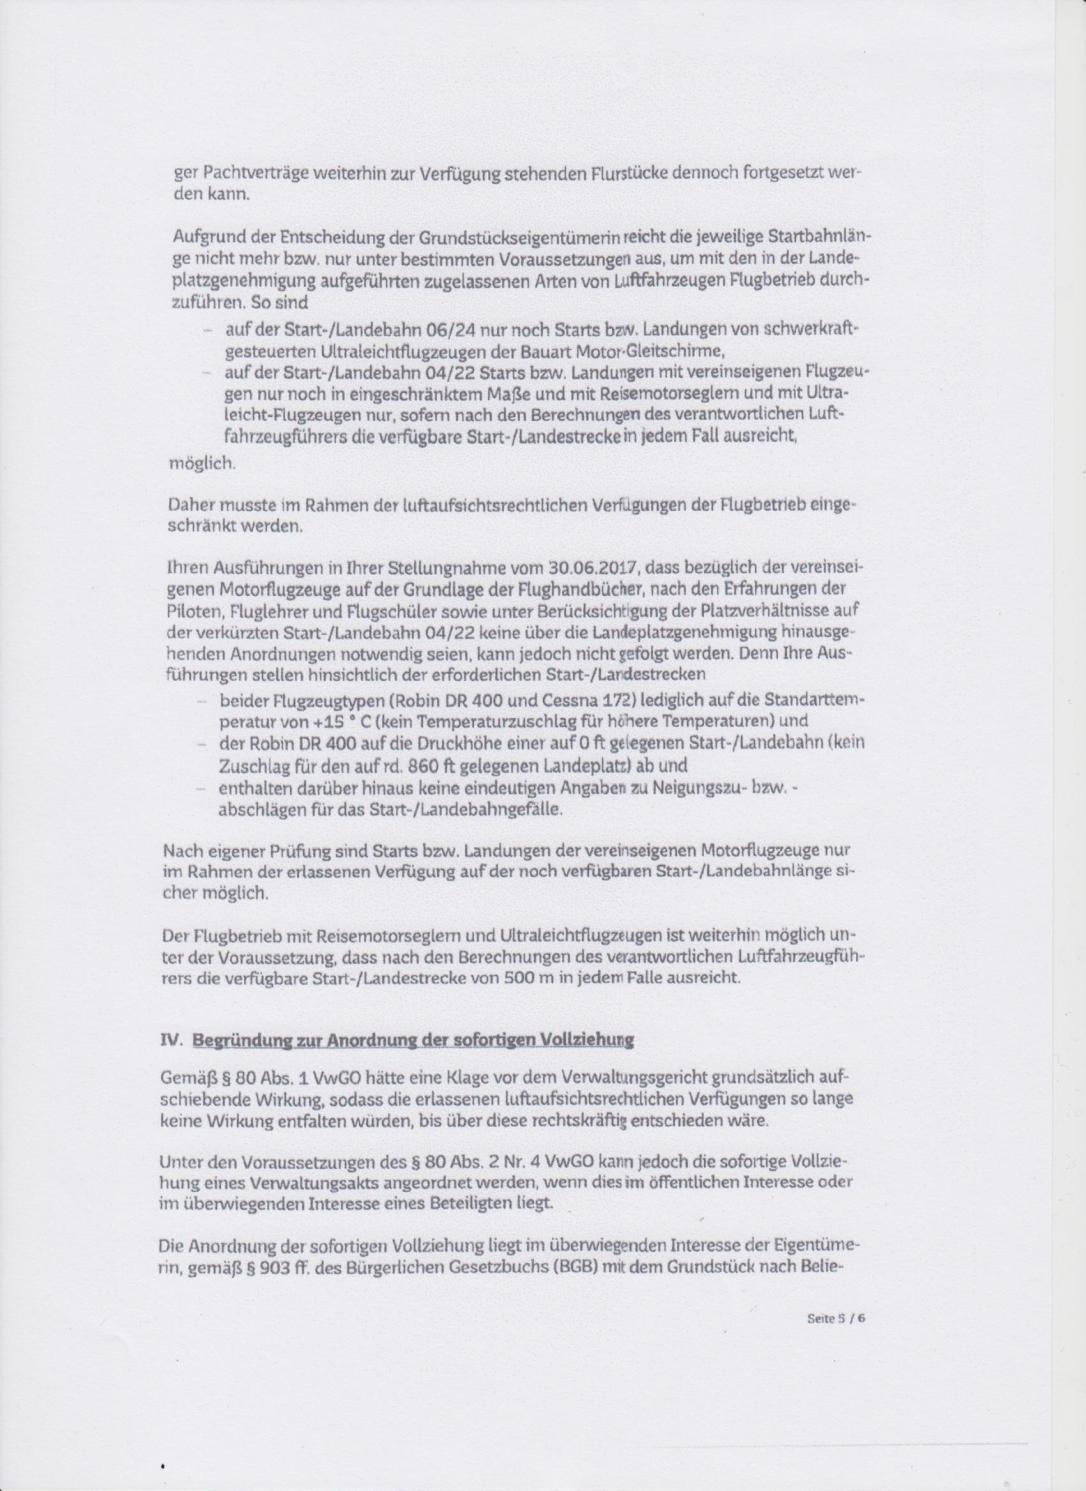 Wunderbar 2 Seiten Werden Zu Lange Fortgesetzt Galerie - Beispiel ...